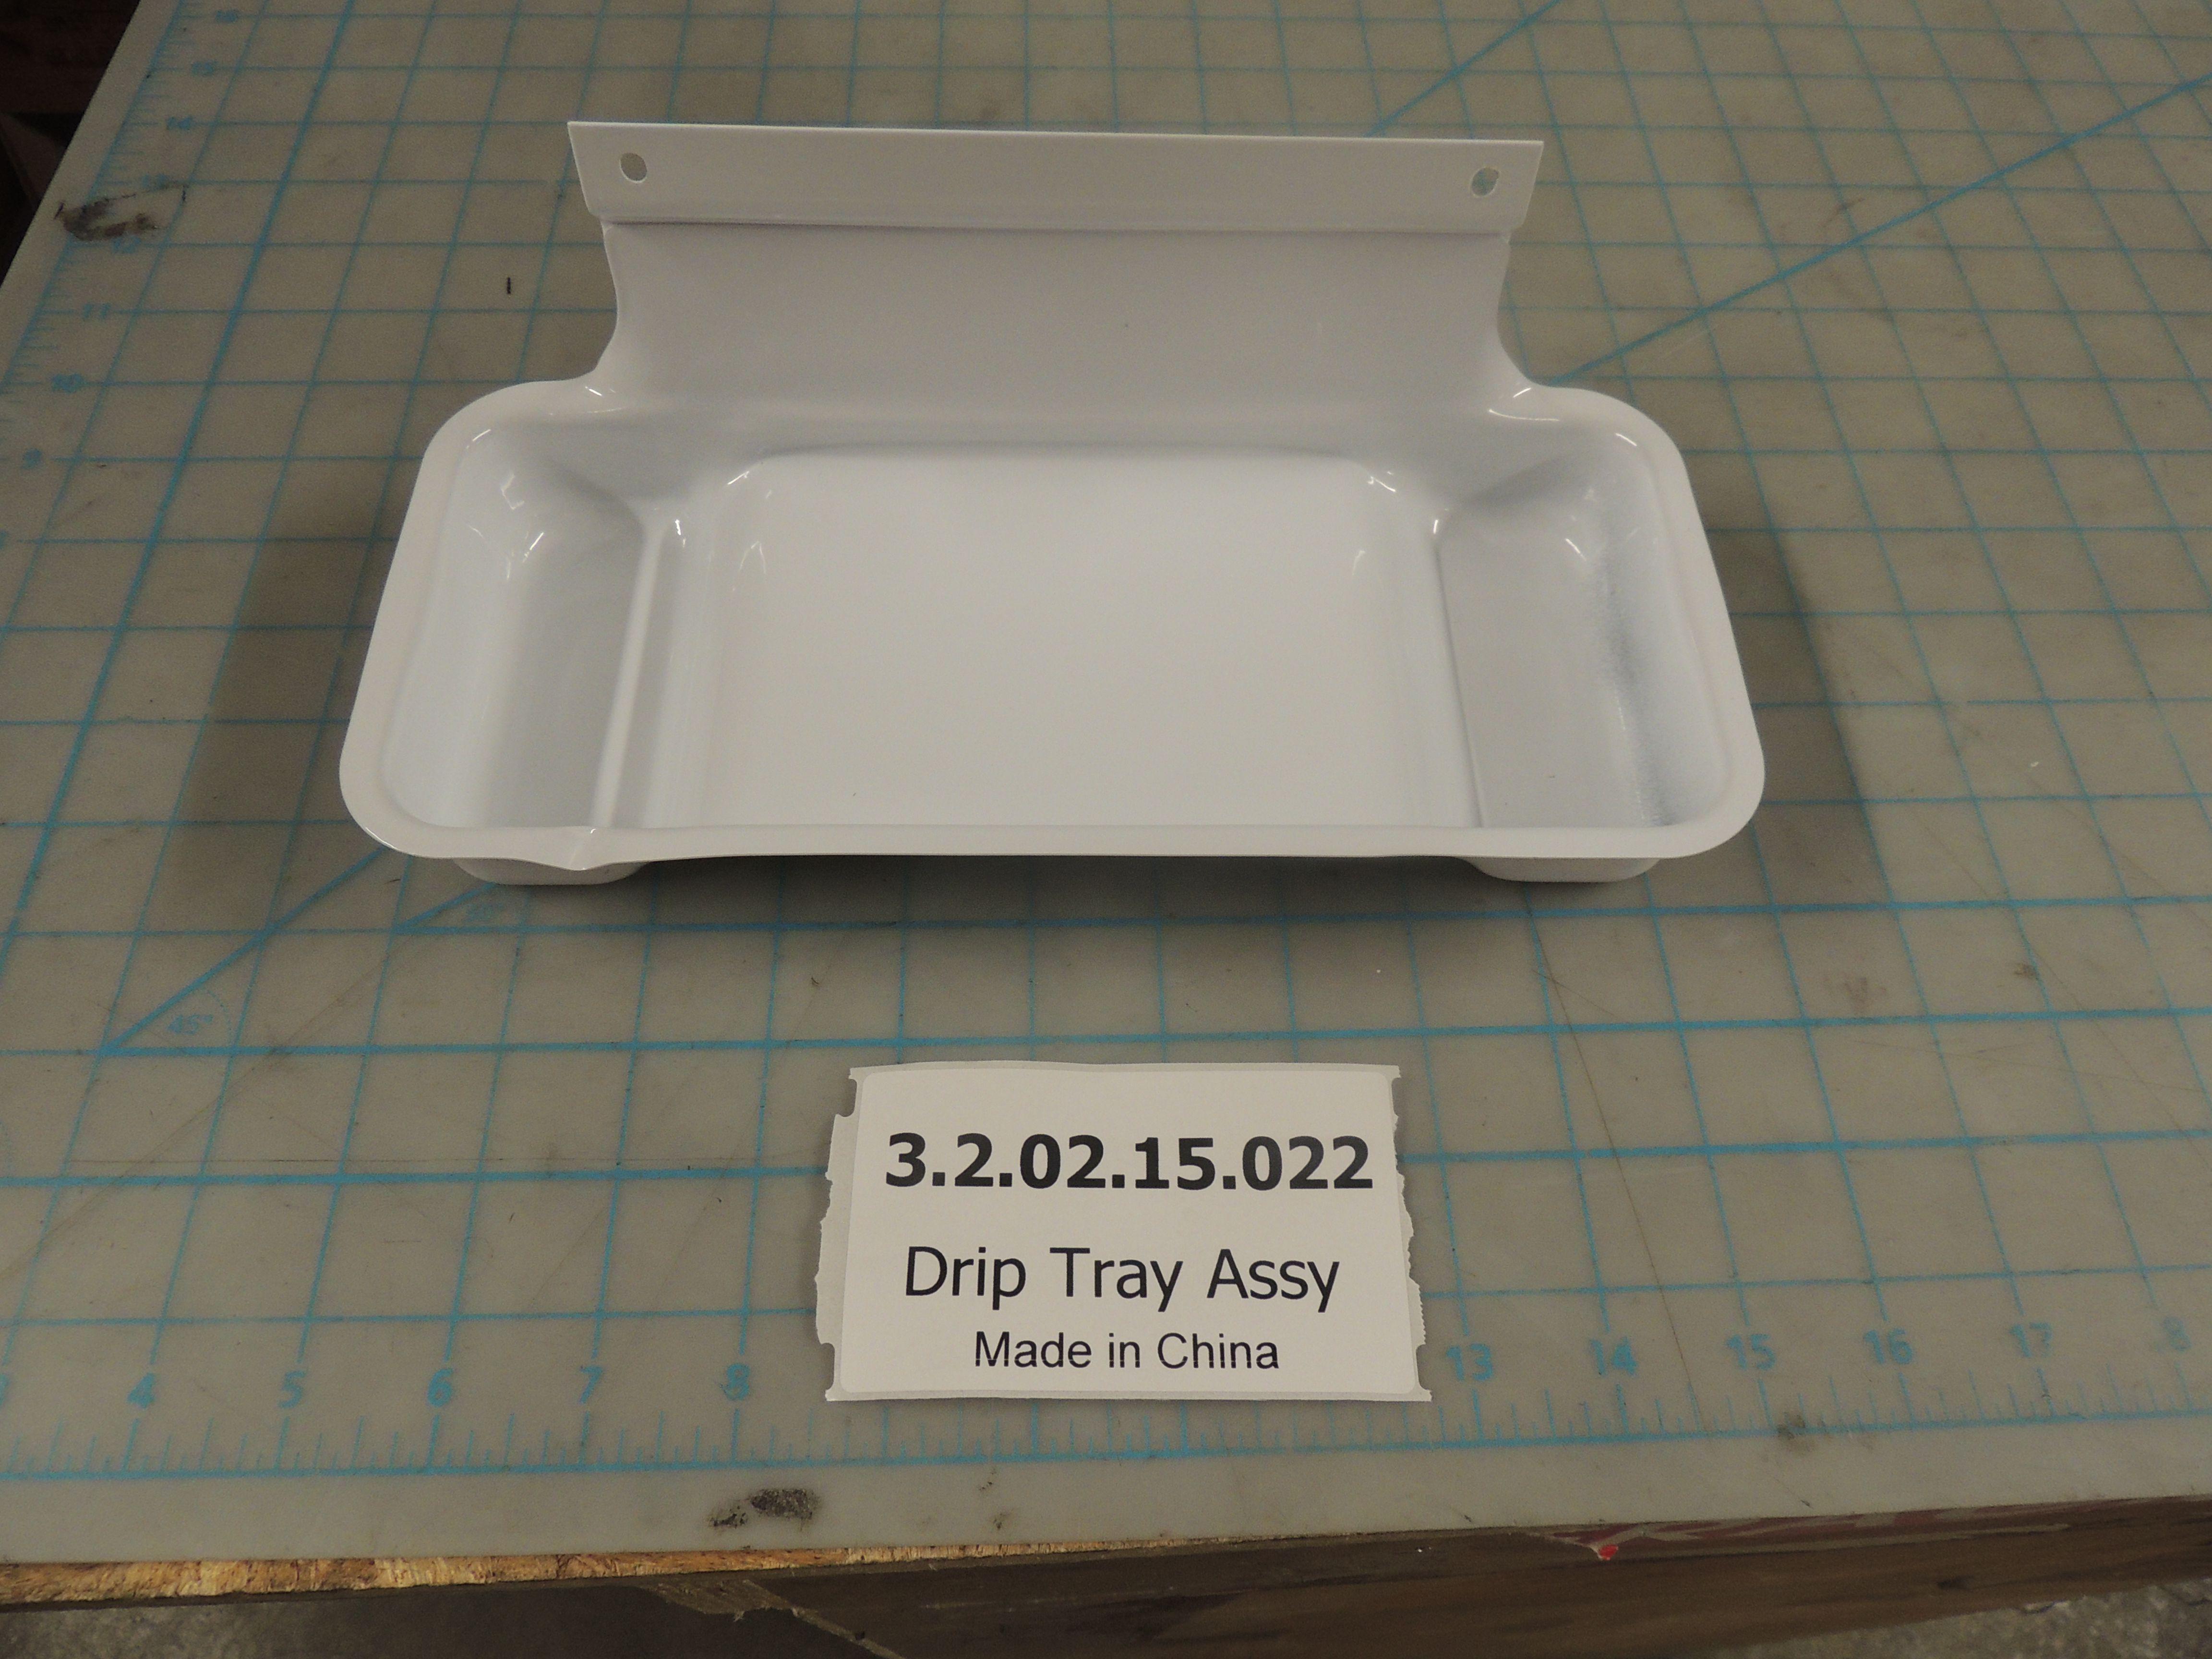 Drip Tray Assy